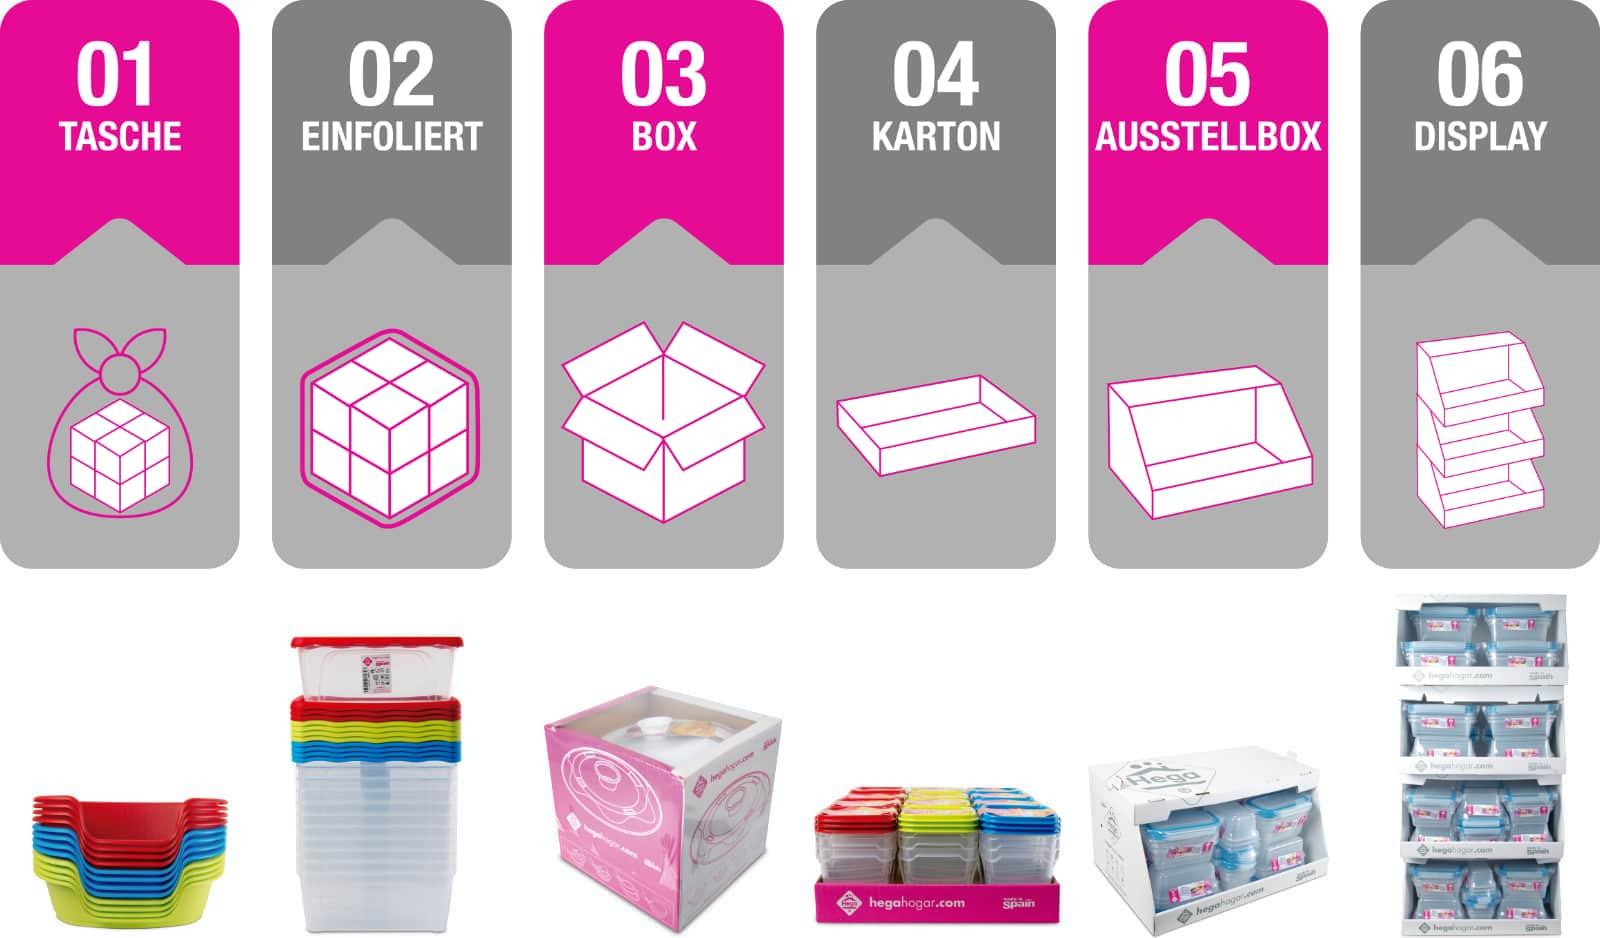 hegahogar-packaging-de